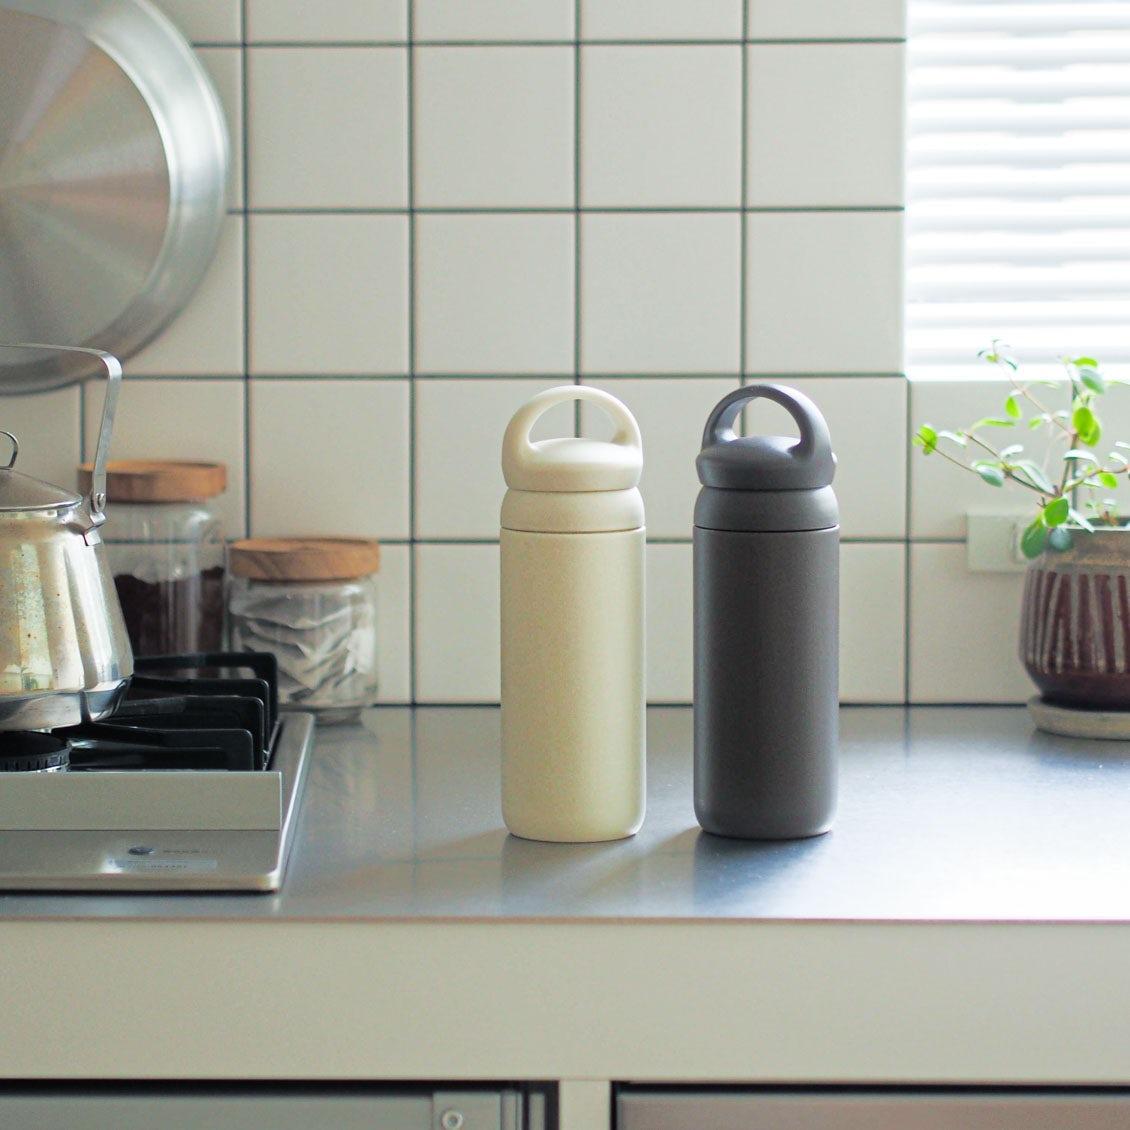 【新商品】ストレスフリーな使い心地がお気に入り! KINTO「デイオフタンブラー」が新登場です。